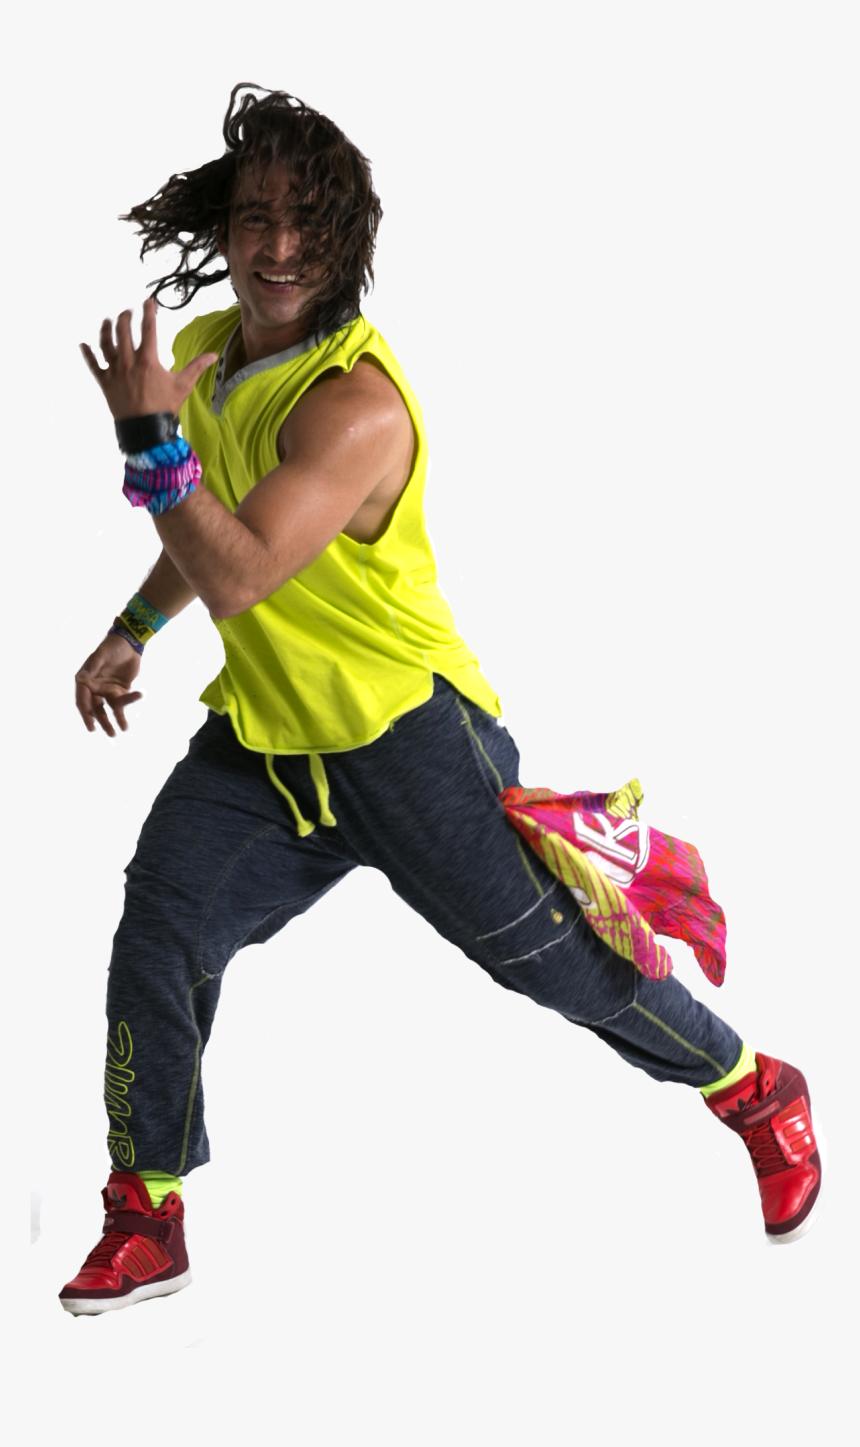 Zumba Dance Man Png Transparent Png Transparent Png Image Pngitem